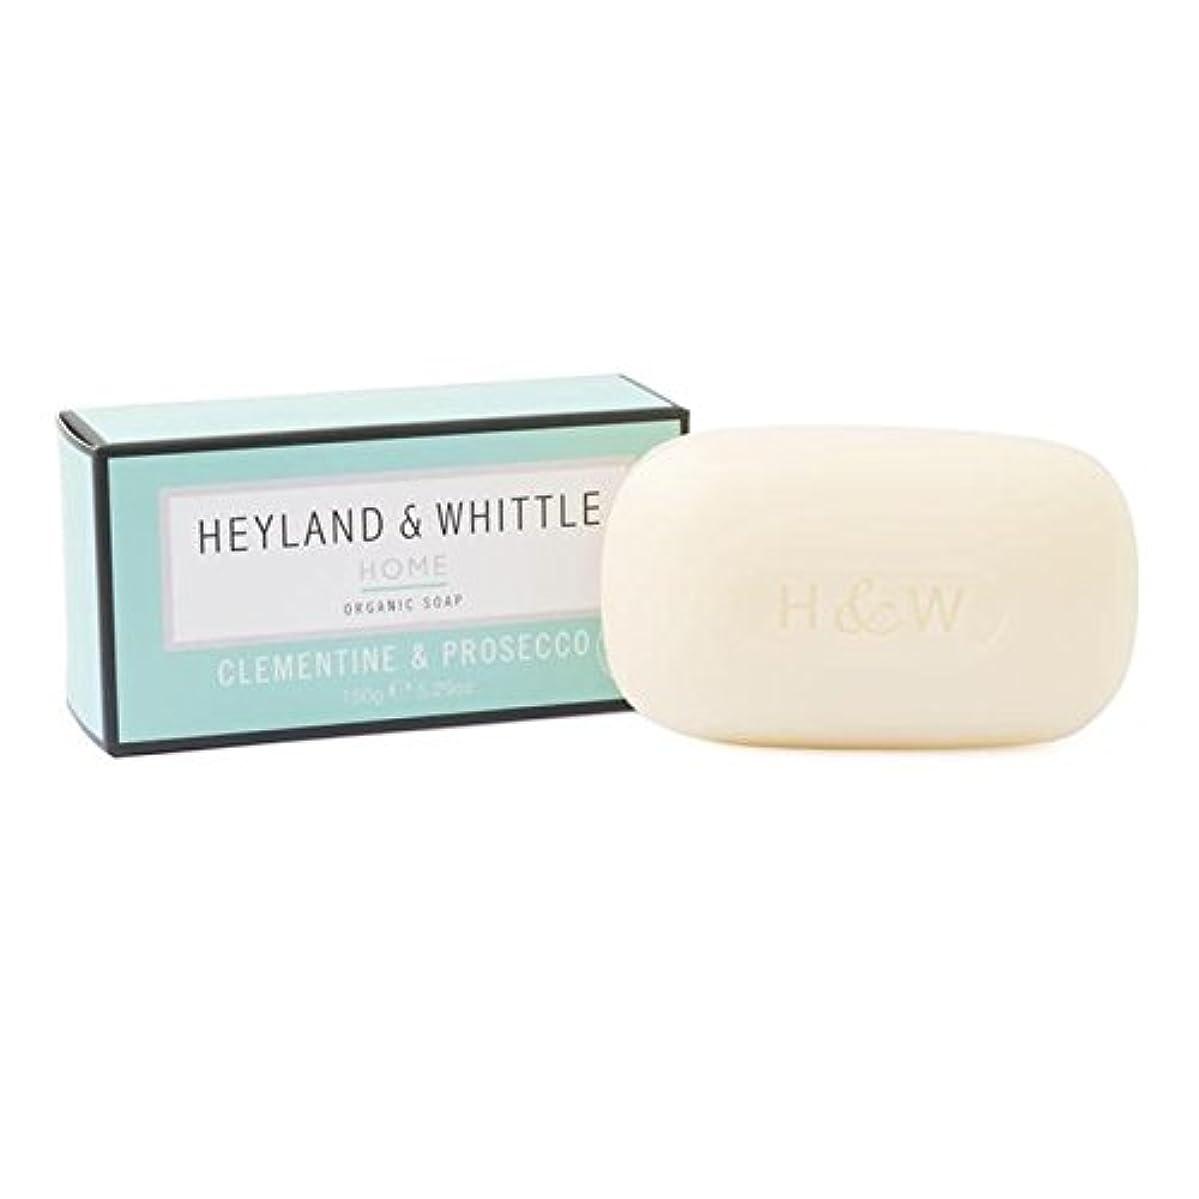 素晴らしいです記録周囲&削るホームクレメンタイン&プロセッコ有機石鹸150グラム x2 - Heyland & Whittle Home Clementine & Prosecco Organic Soap 150g (Pack of 2)...